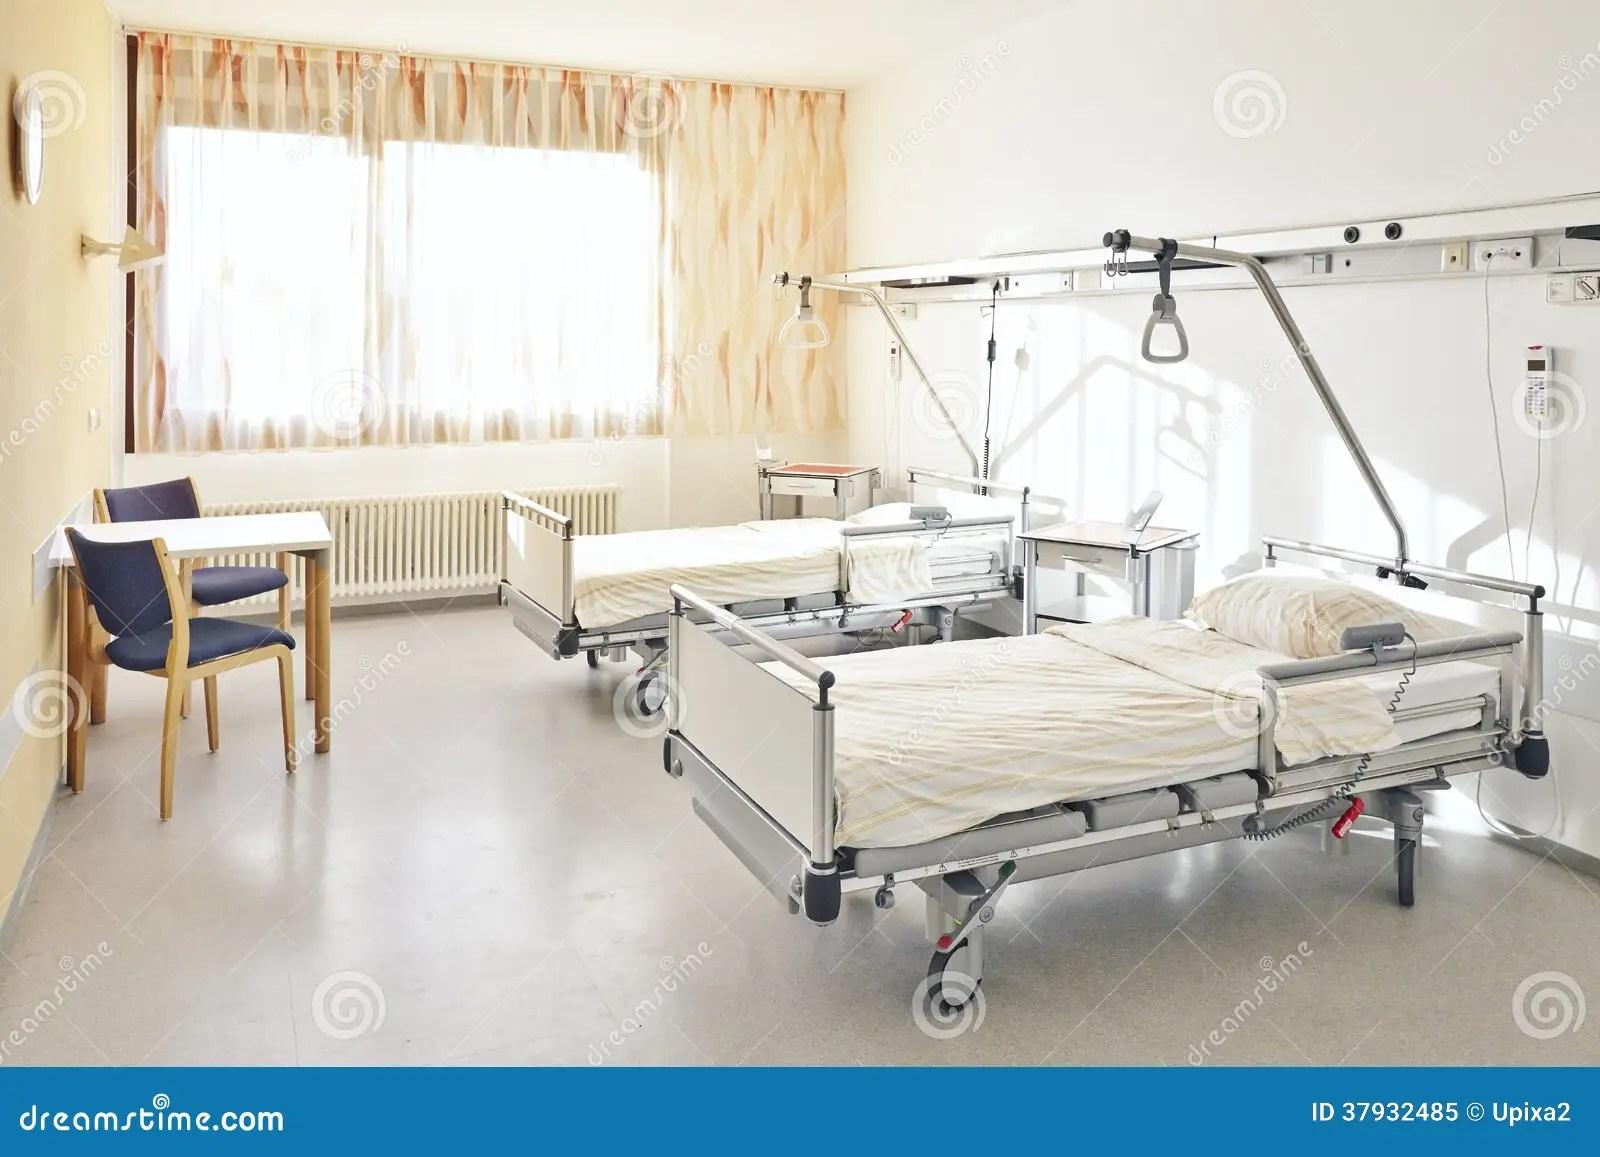 Chambre Pour Deux Personnes De Lit Dhpital Photo libre de droits  Image 37932485